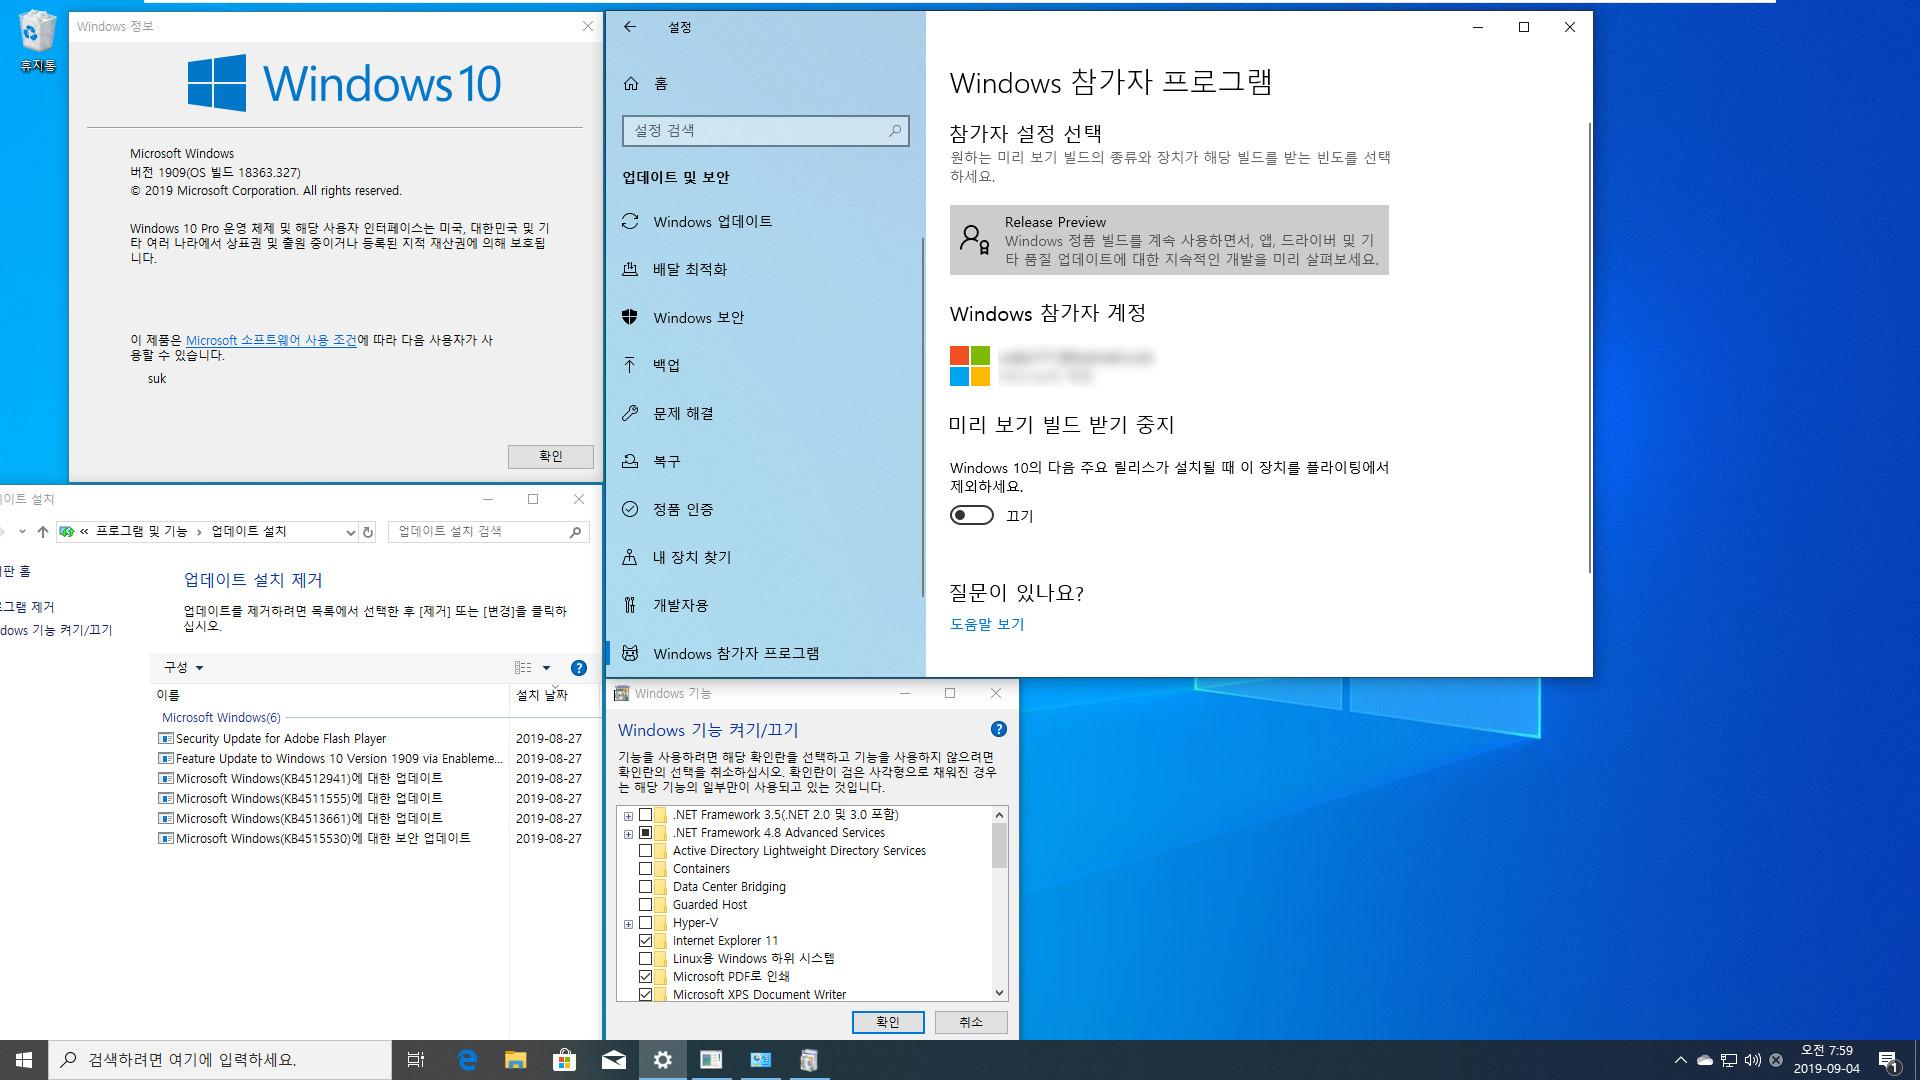 Windows 10 19H2 버전 1909 (OS 빌드 18363.327) 릴리스 프리뷰 - ms 에서 배포한 iso - 설치 테스트 - ms 계정으로 릴리스 프리뷰로 윈도 업데이트 2019-09-04_075928.jpg